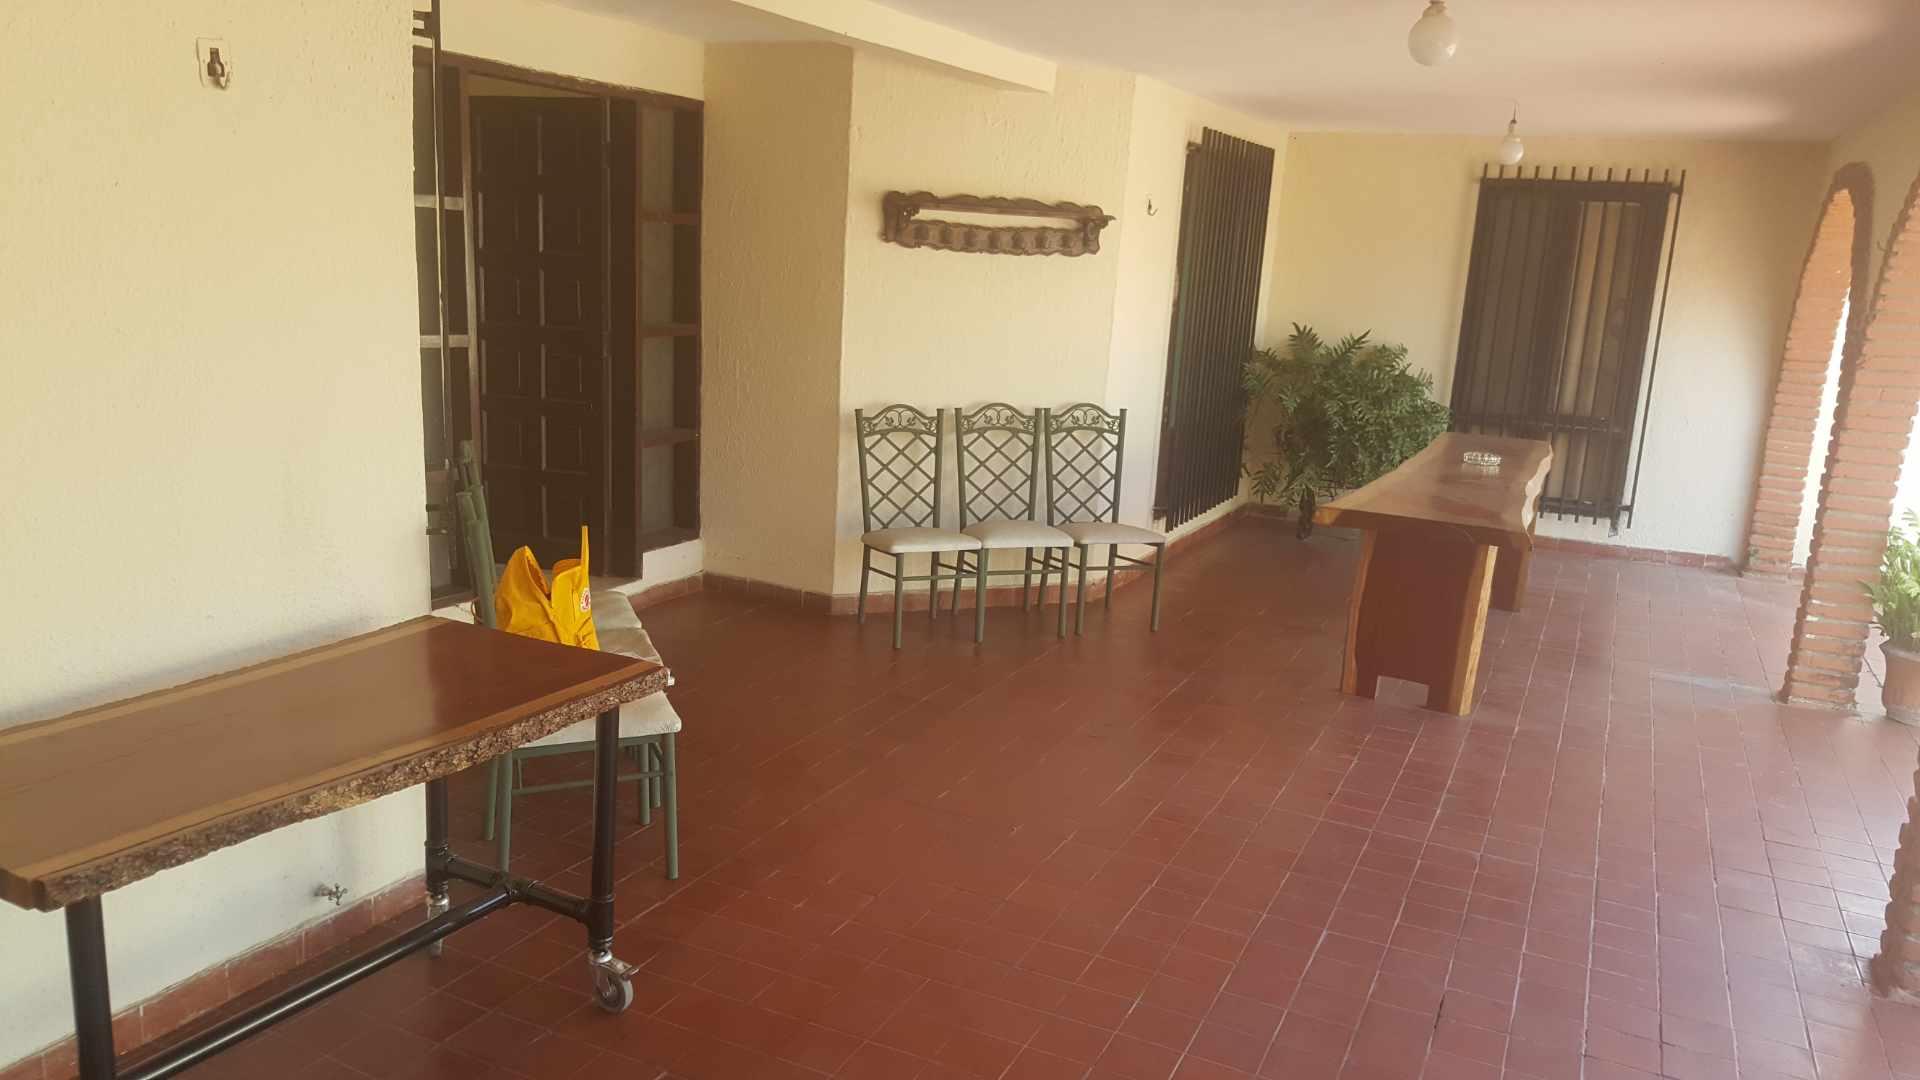 Casa en Venta BARRIO POLANCO, RADIAL 10/CALLE JUAN BLANCO. ENTRE 3er y 4to ANILLO Foto 11